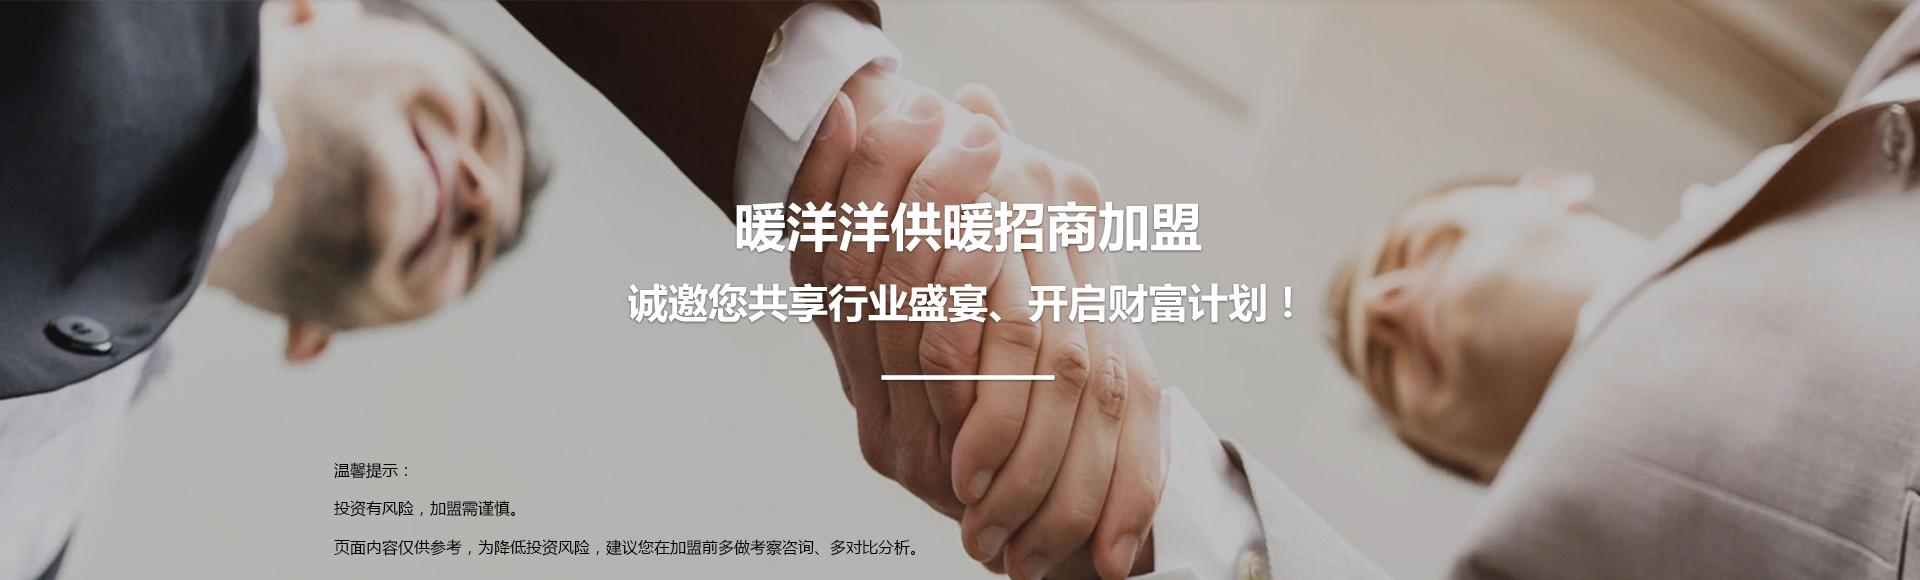 http://www.gznyy.cn/data/upload/202009/20200919075929_115.jpg